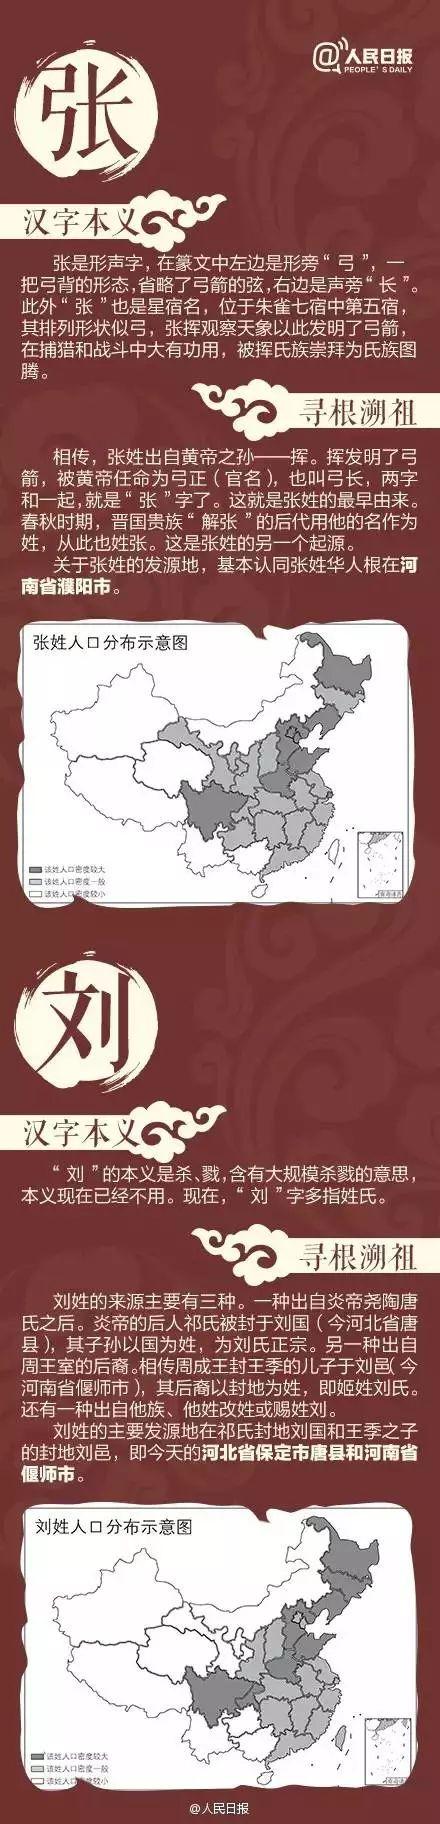 """人口最多的姓氏_中国人口""""最多""""的4大姓氏:张姓没出一个皇帝,此姓却"""